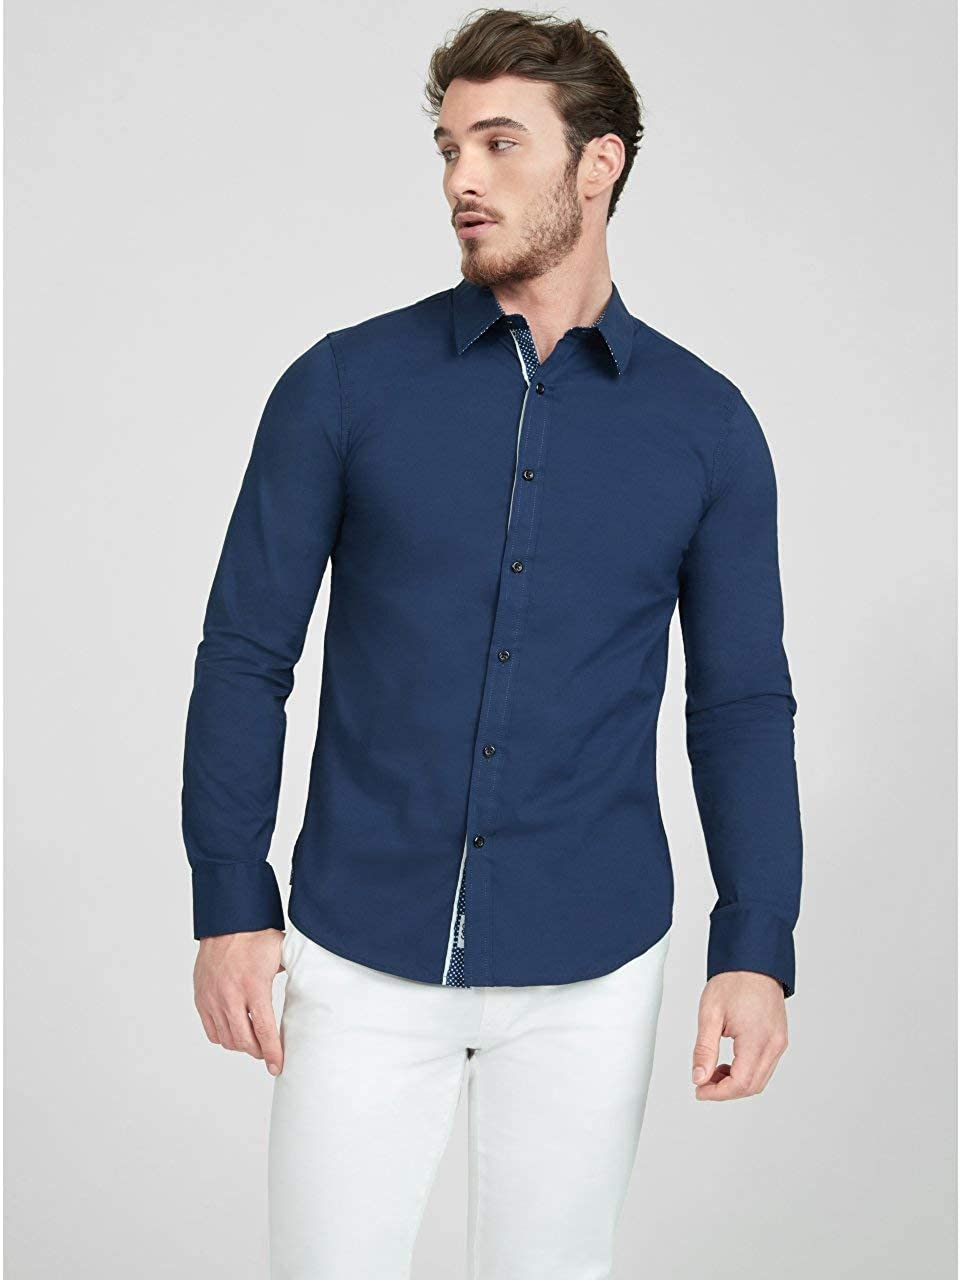 G by GUESS Mens Camano Solid Shirt